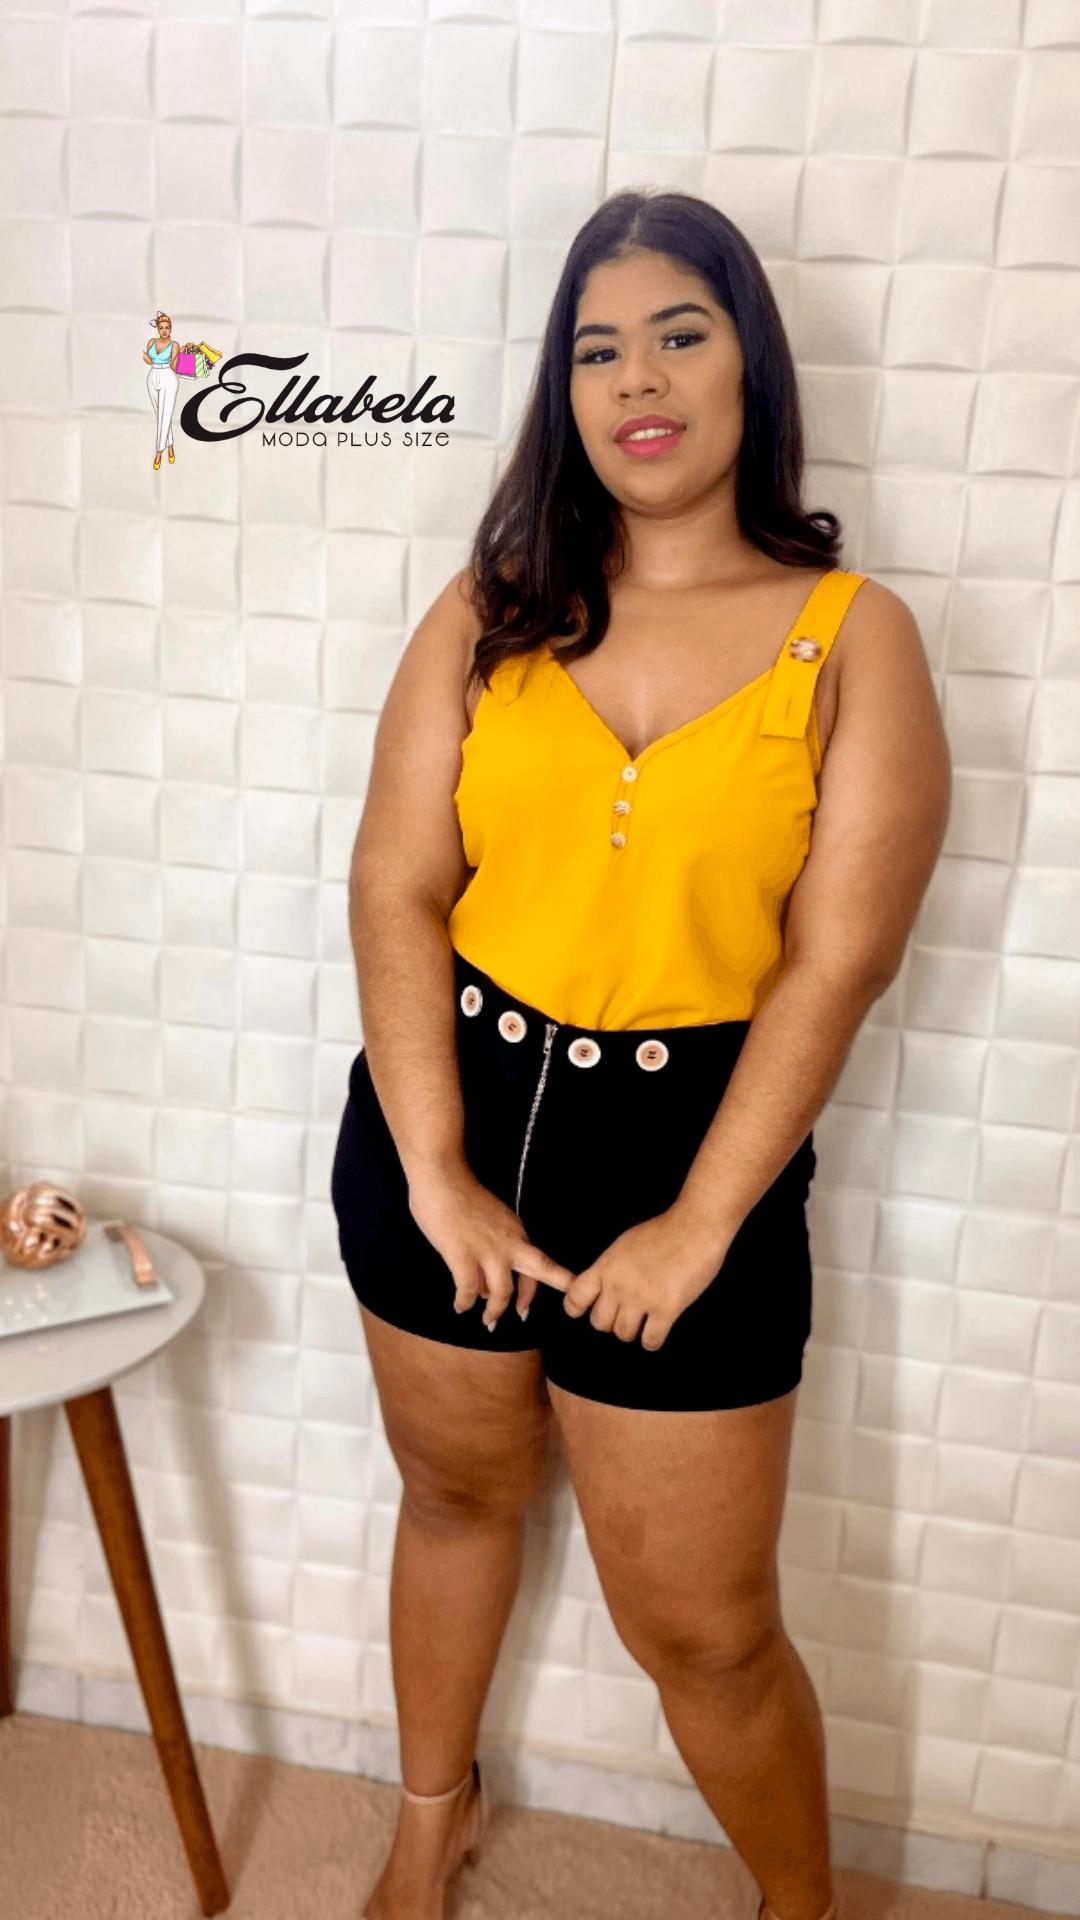 Blusa 103, Ellabela Modas